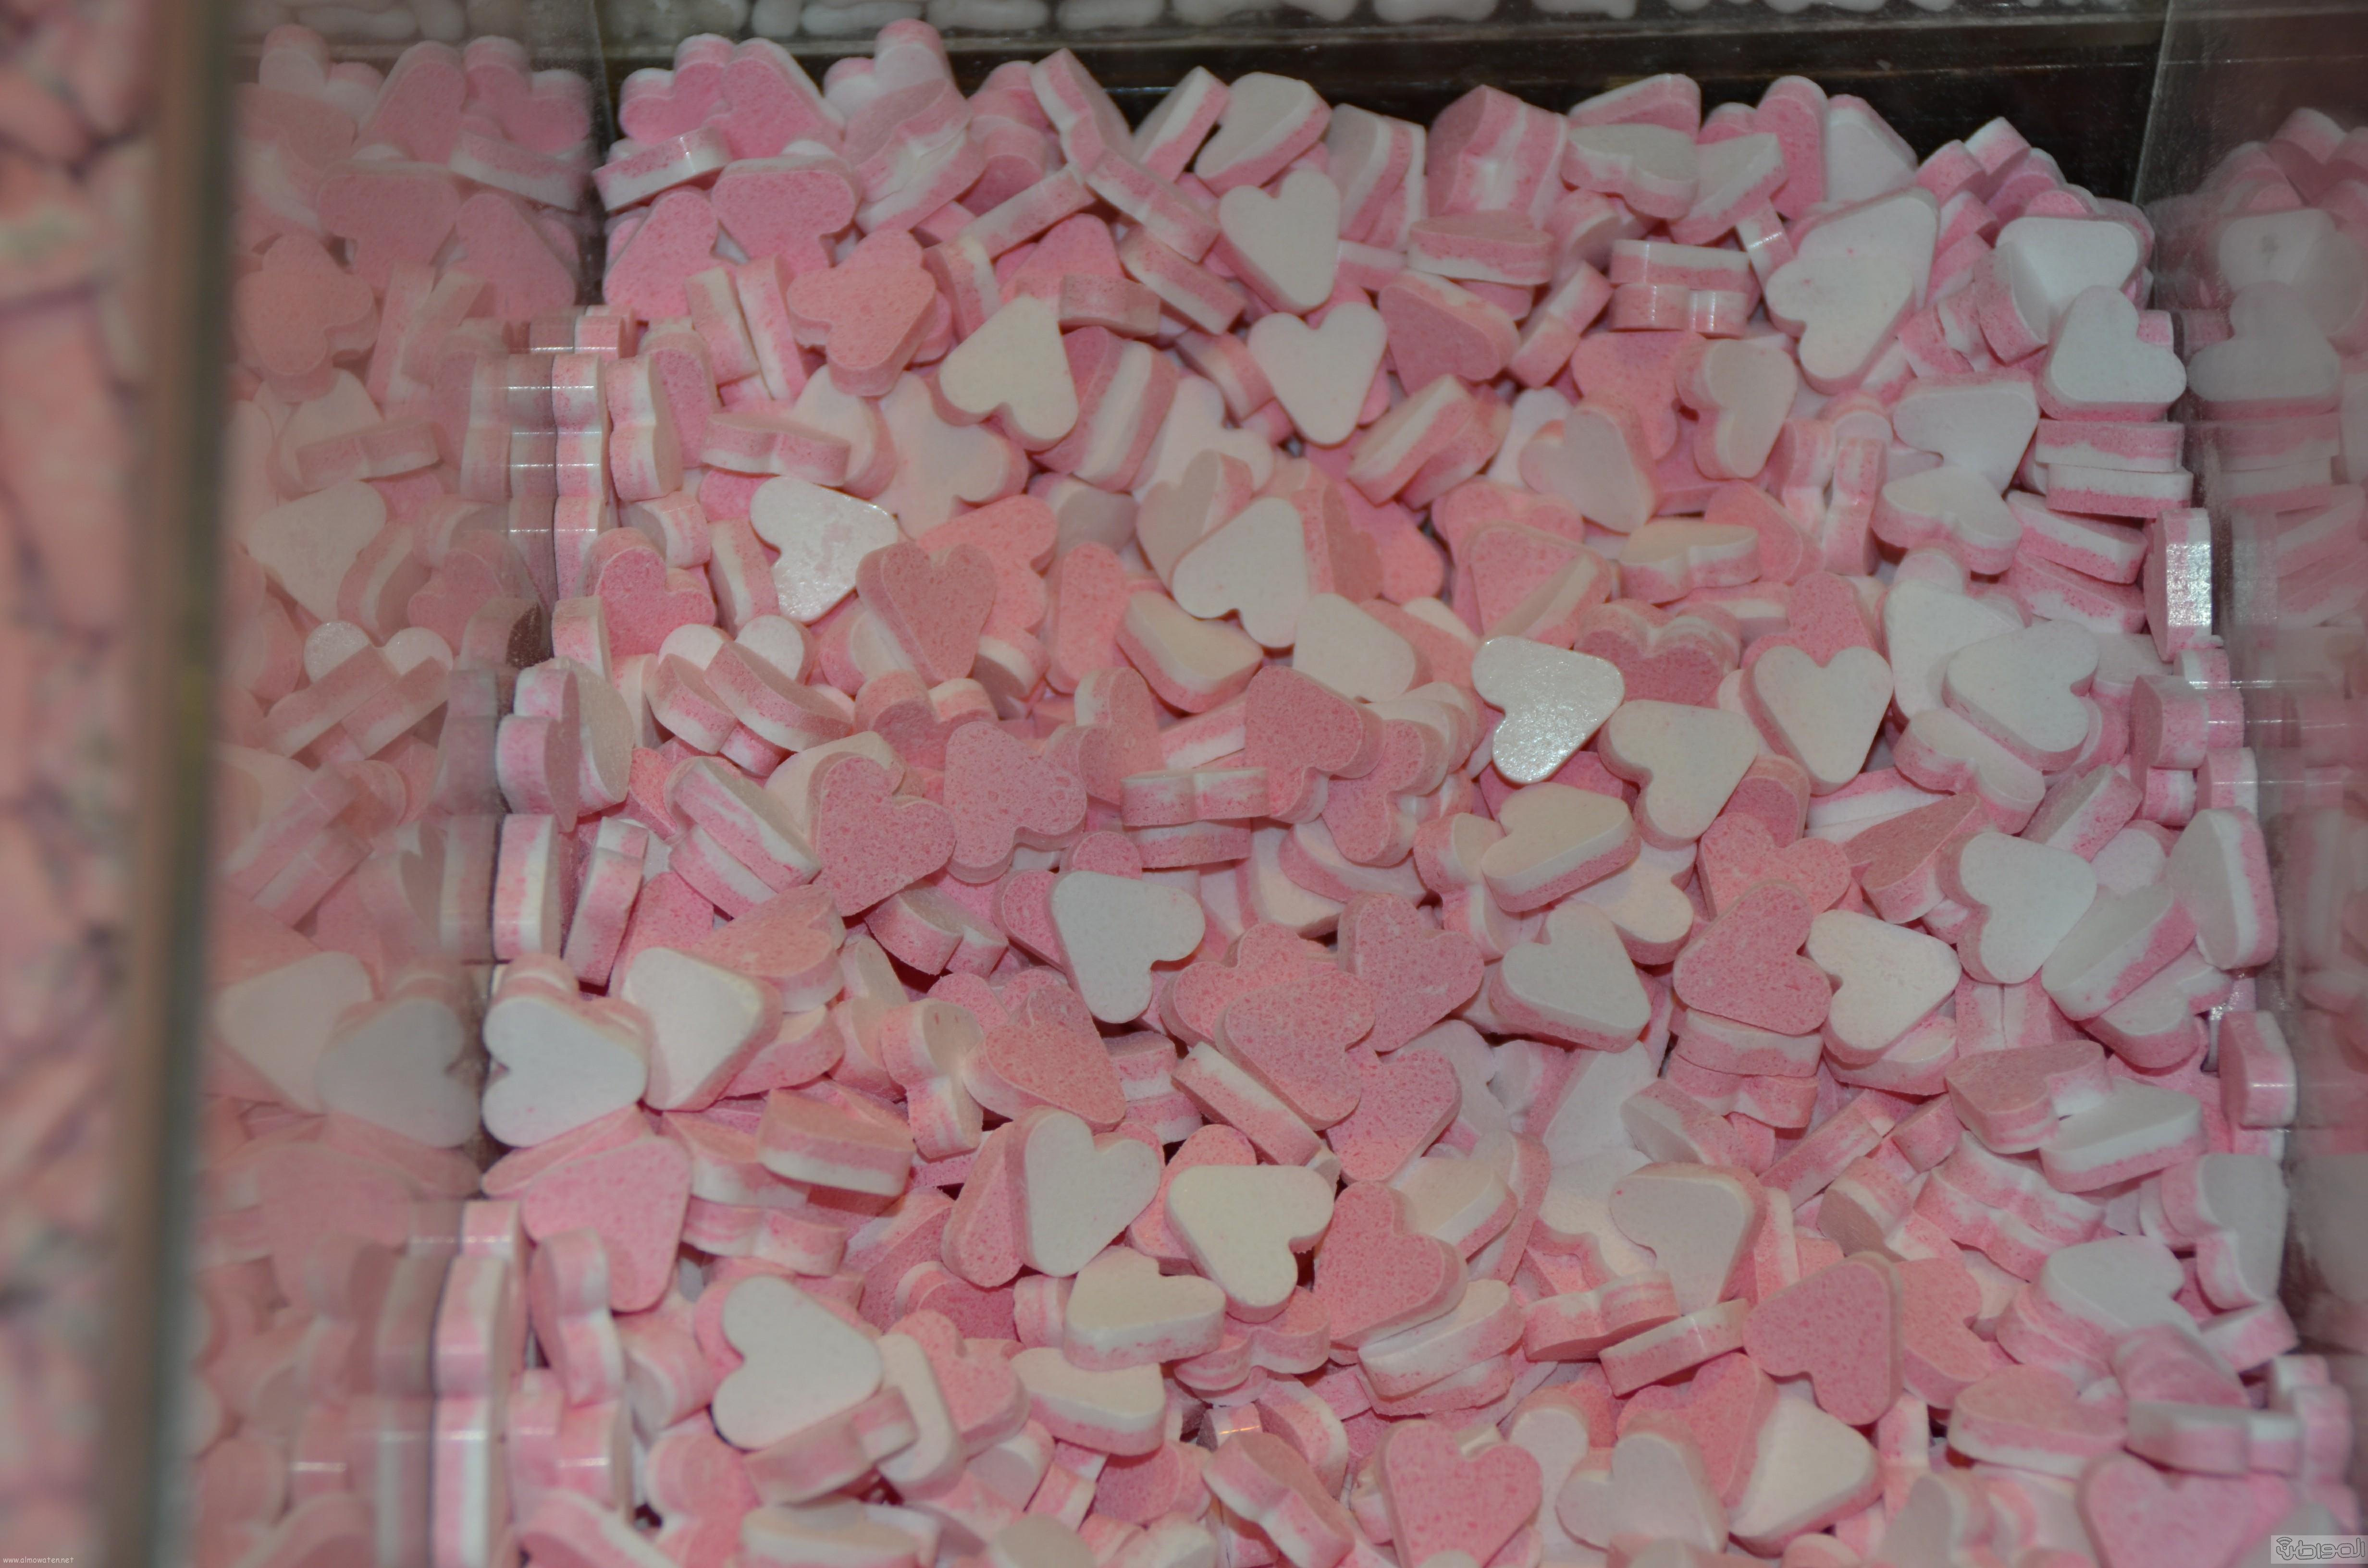 جولة باسواق الحلويات والتمور في جدة قبل العيد (7)